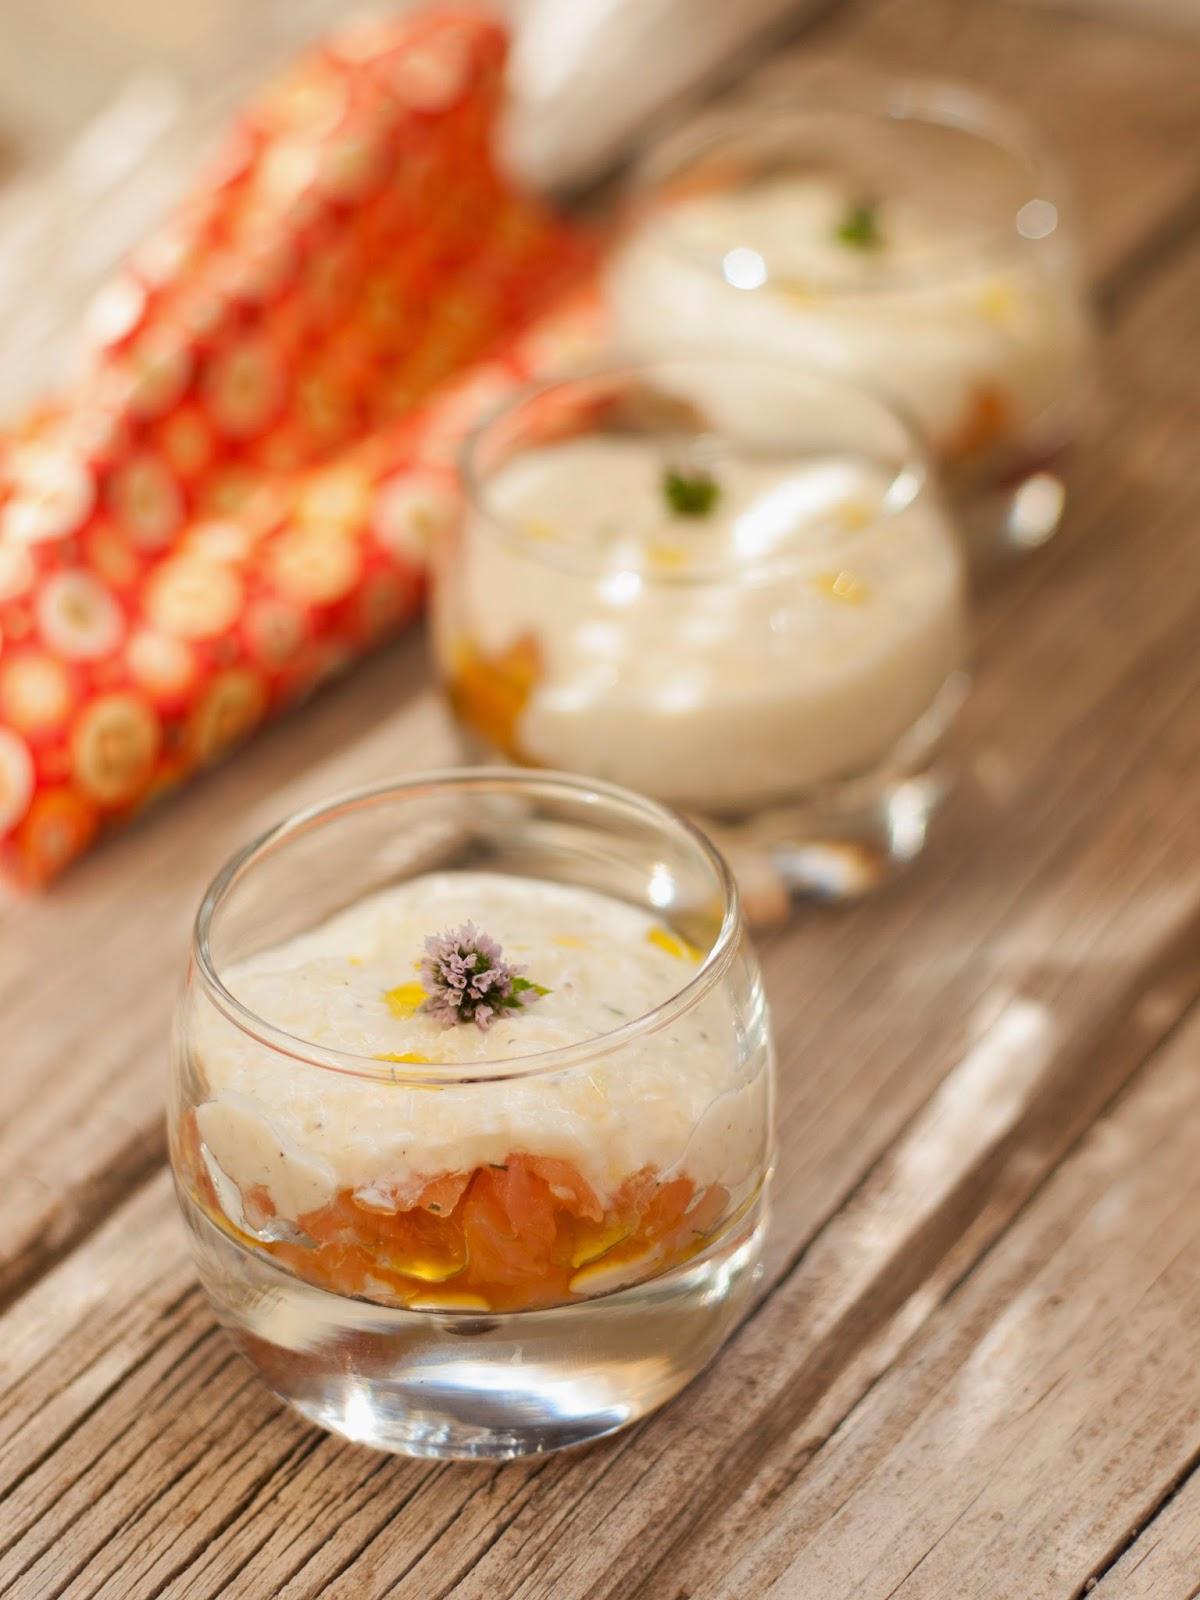 Bocados dulces y salados tzatziki con salm n ahumado - Aperitivos de salmon ahumado ...